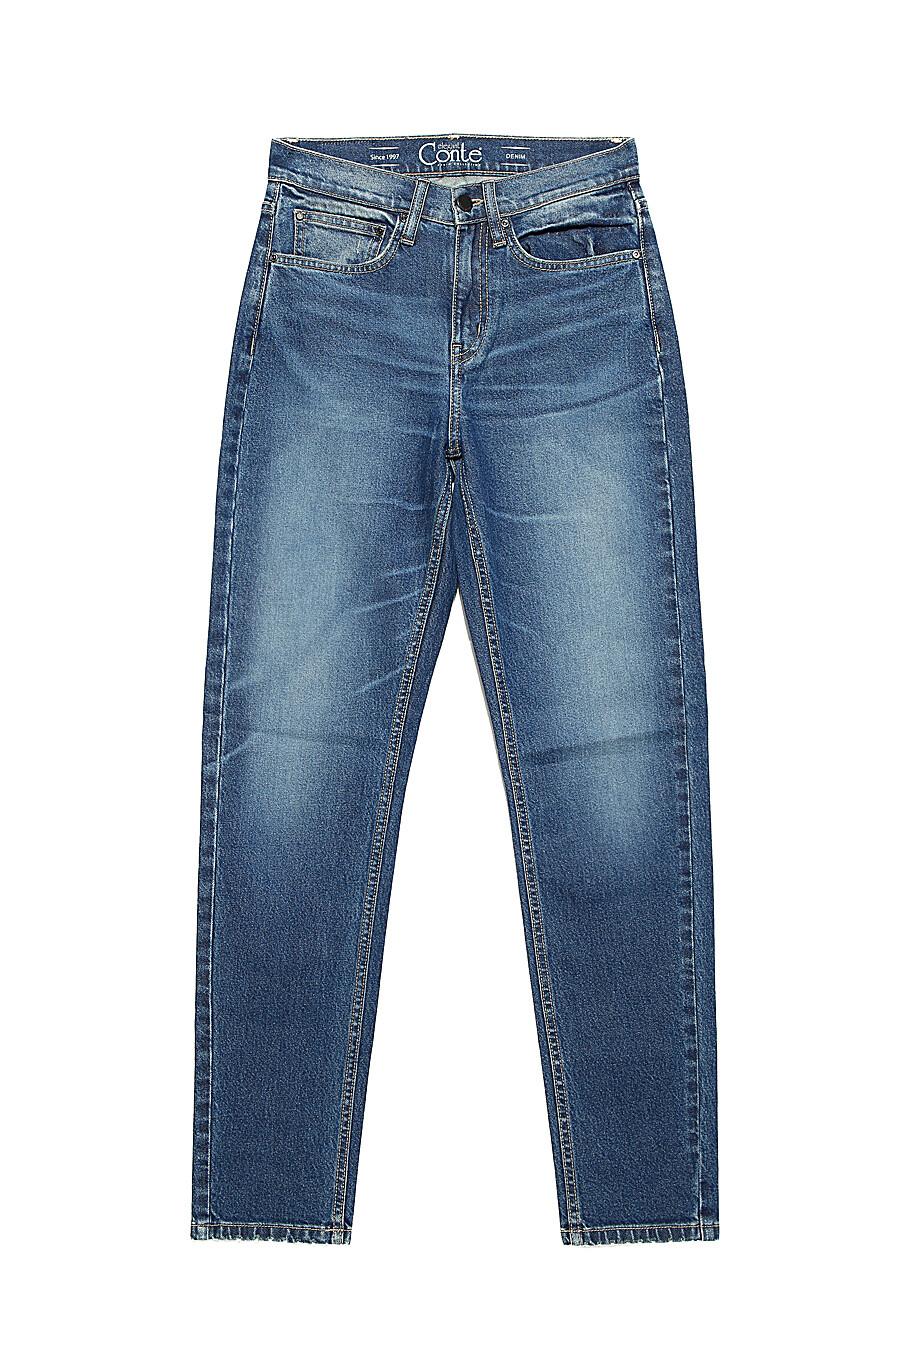 Джинсы для женщин CONTE ELEGANT 148326 купить оптом от производителя. Совместная покупка женской одежды в OptMoyo